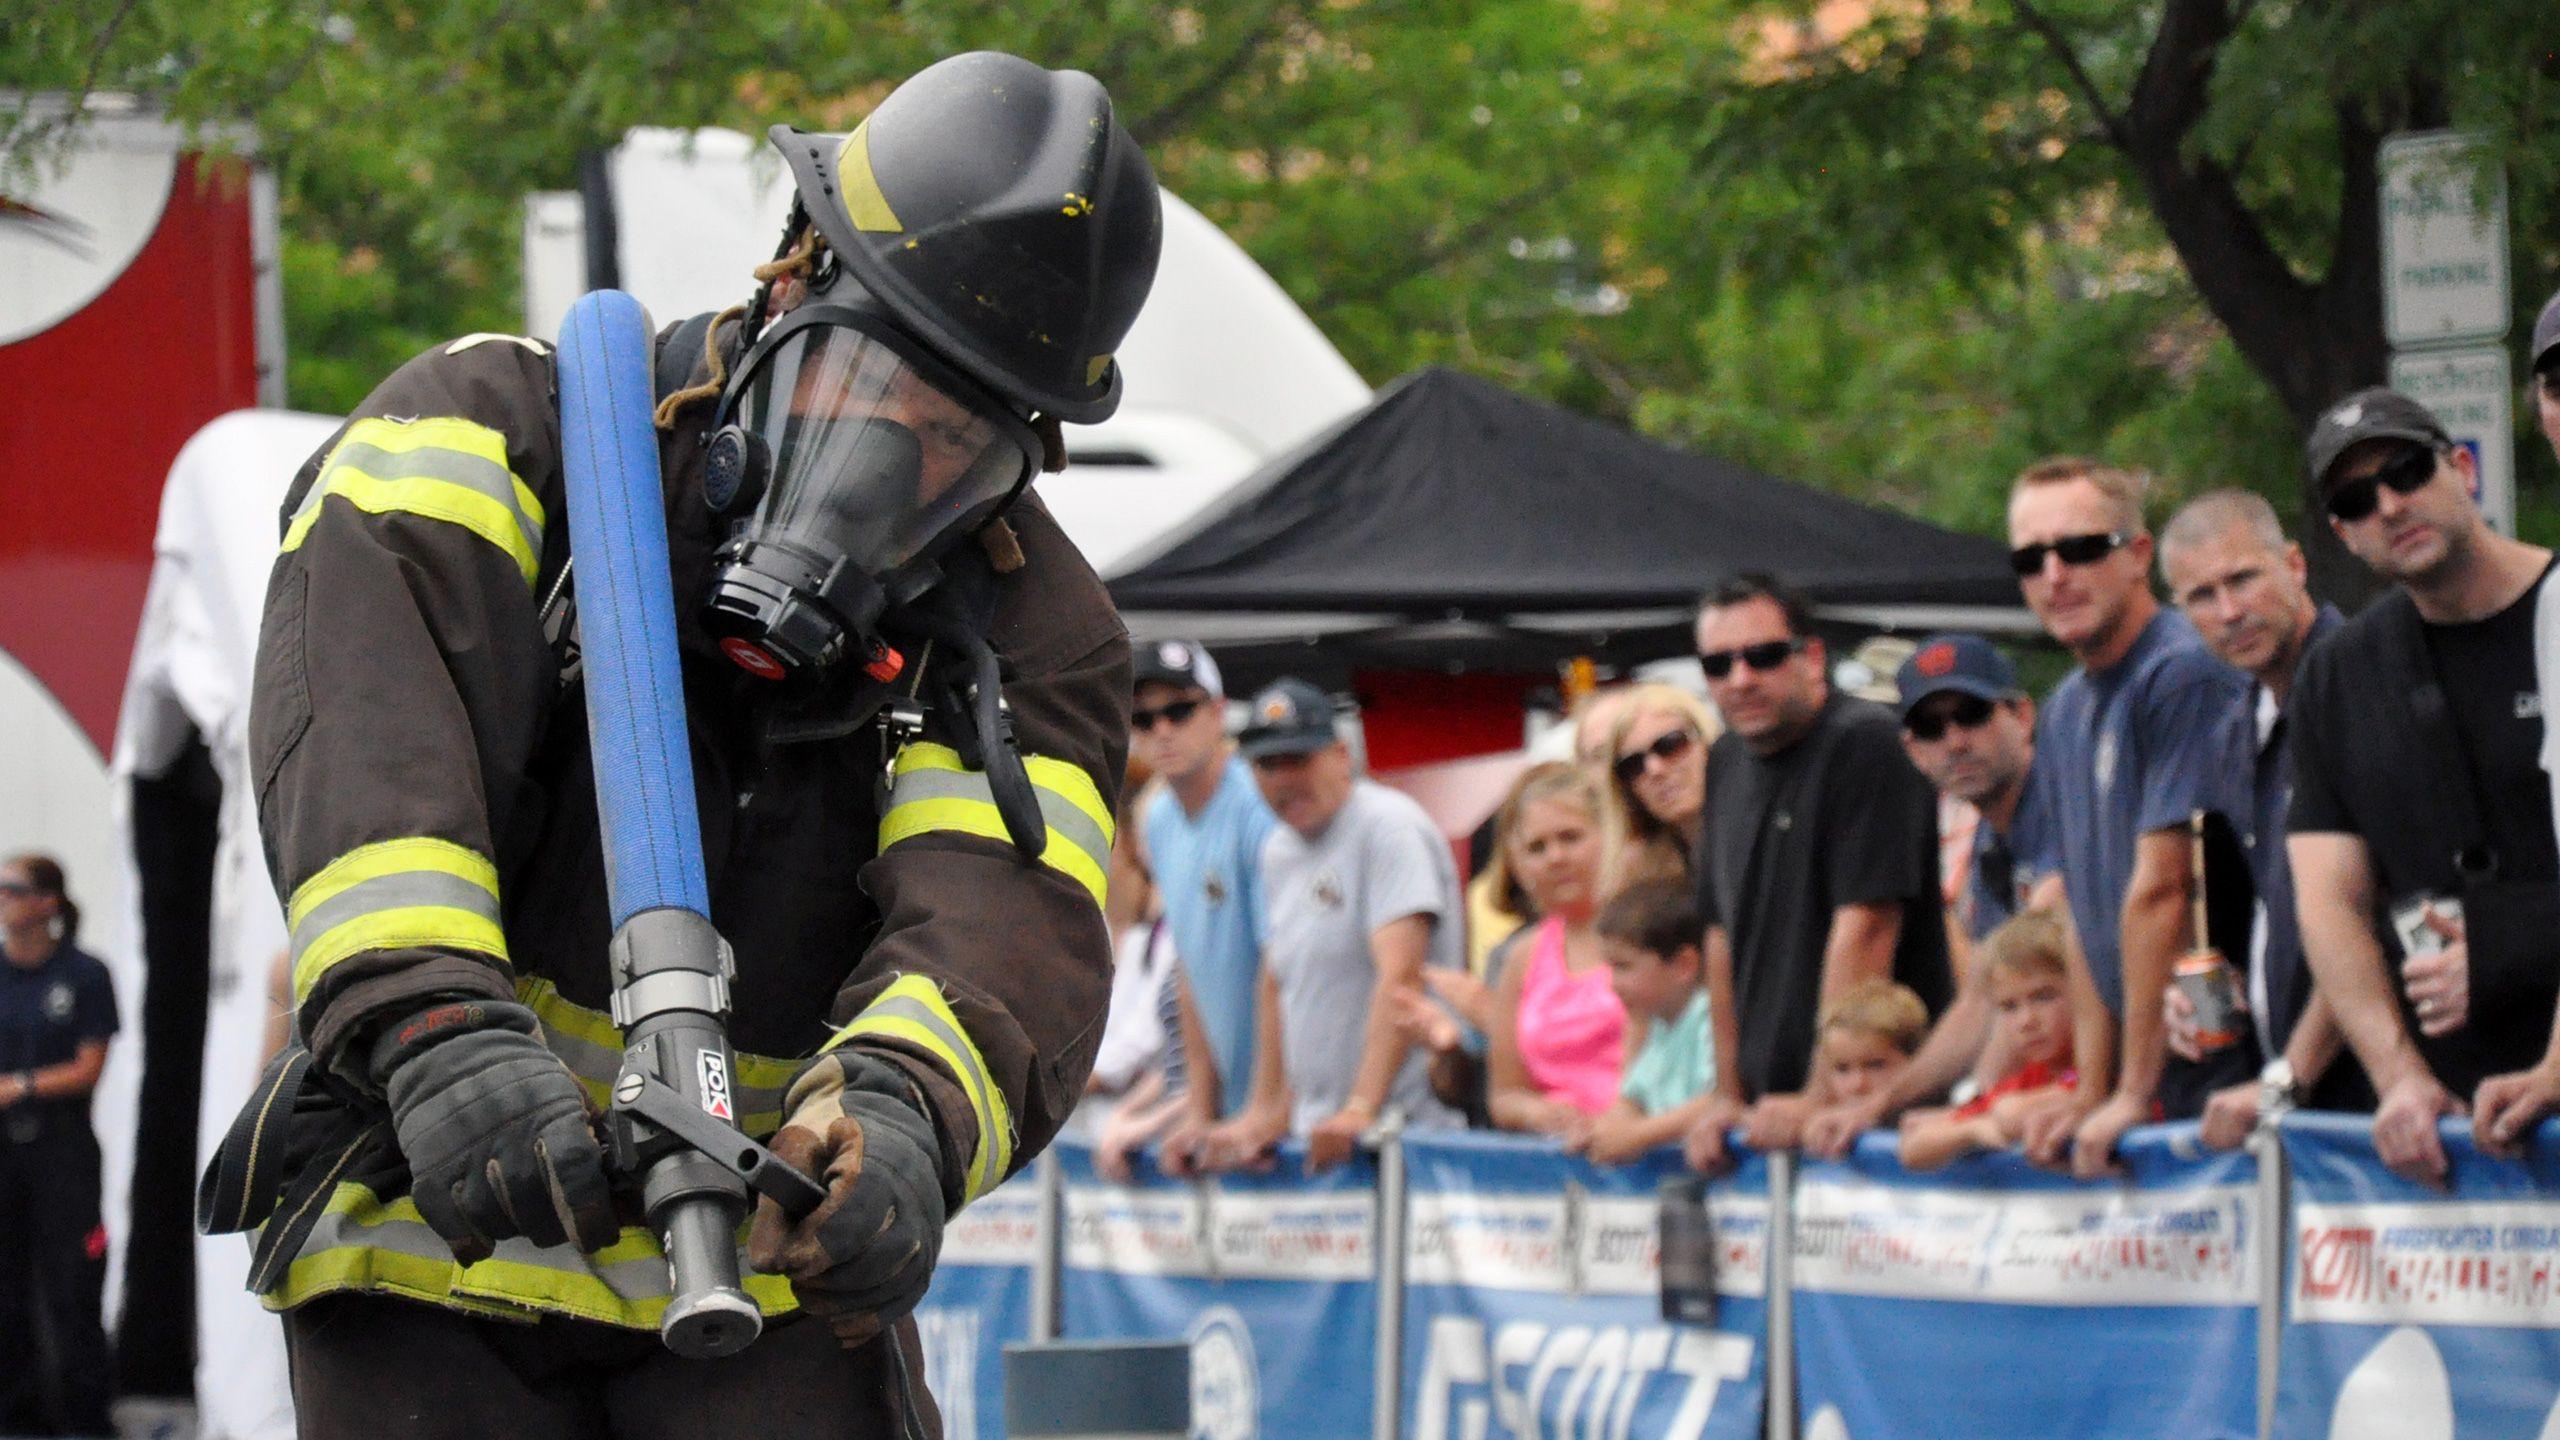 Firefighter World Challenge XXVI